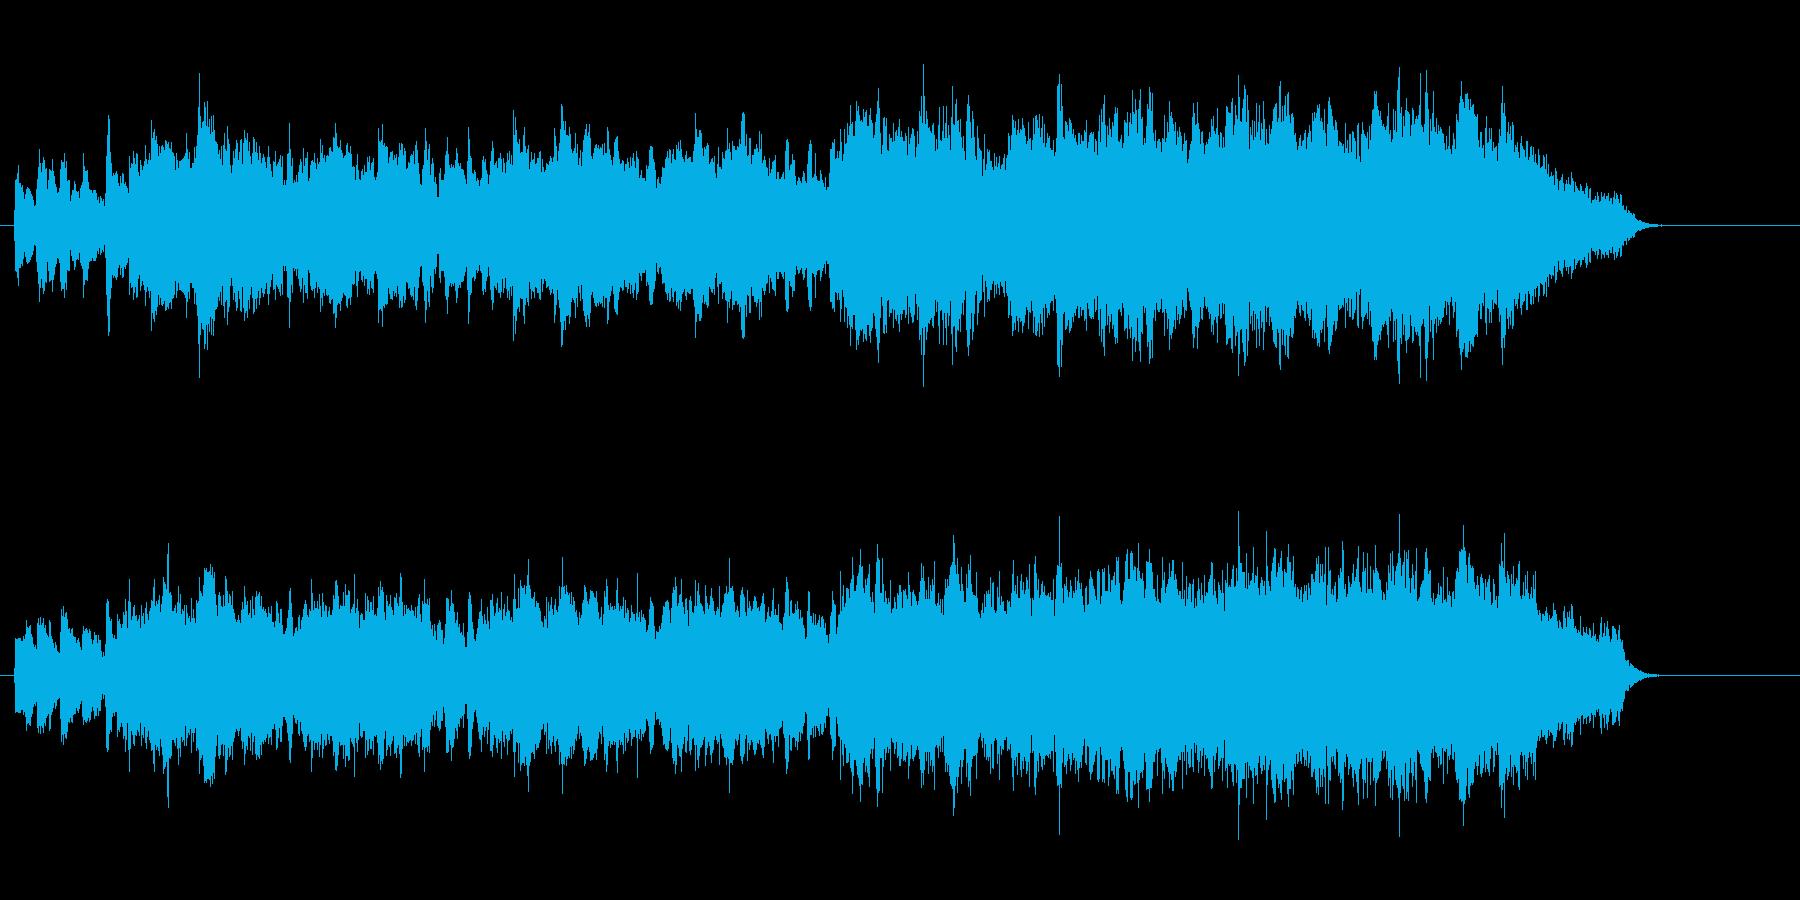 ハートウォームなバラードの再生済みの波形